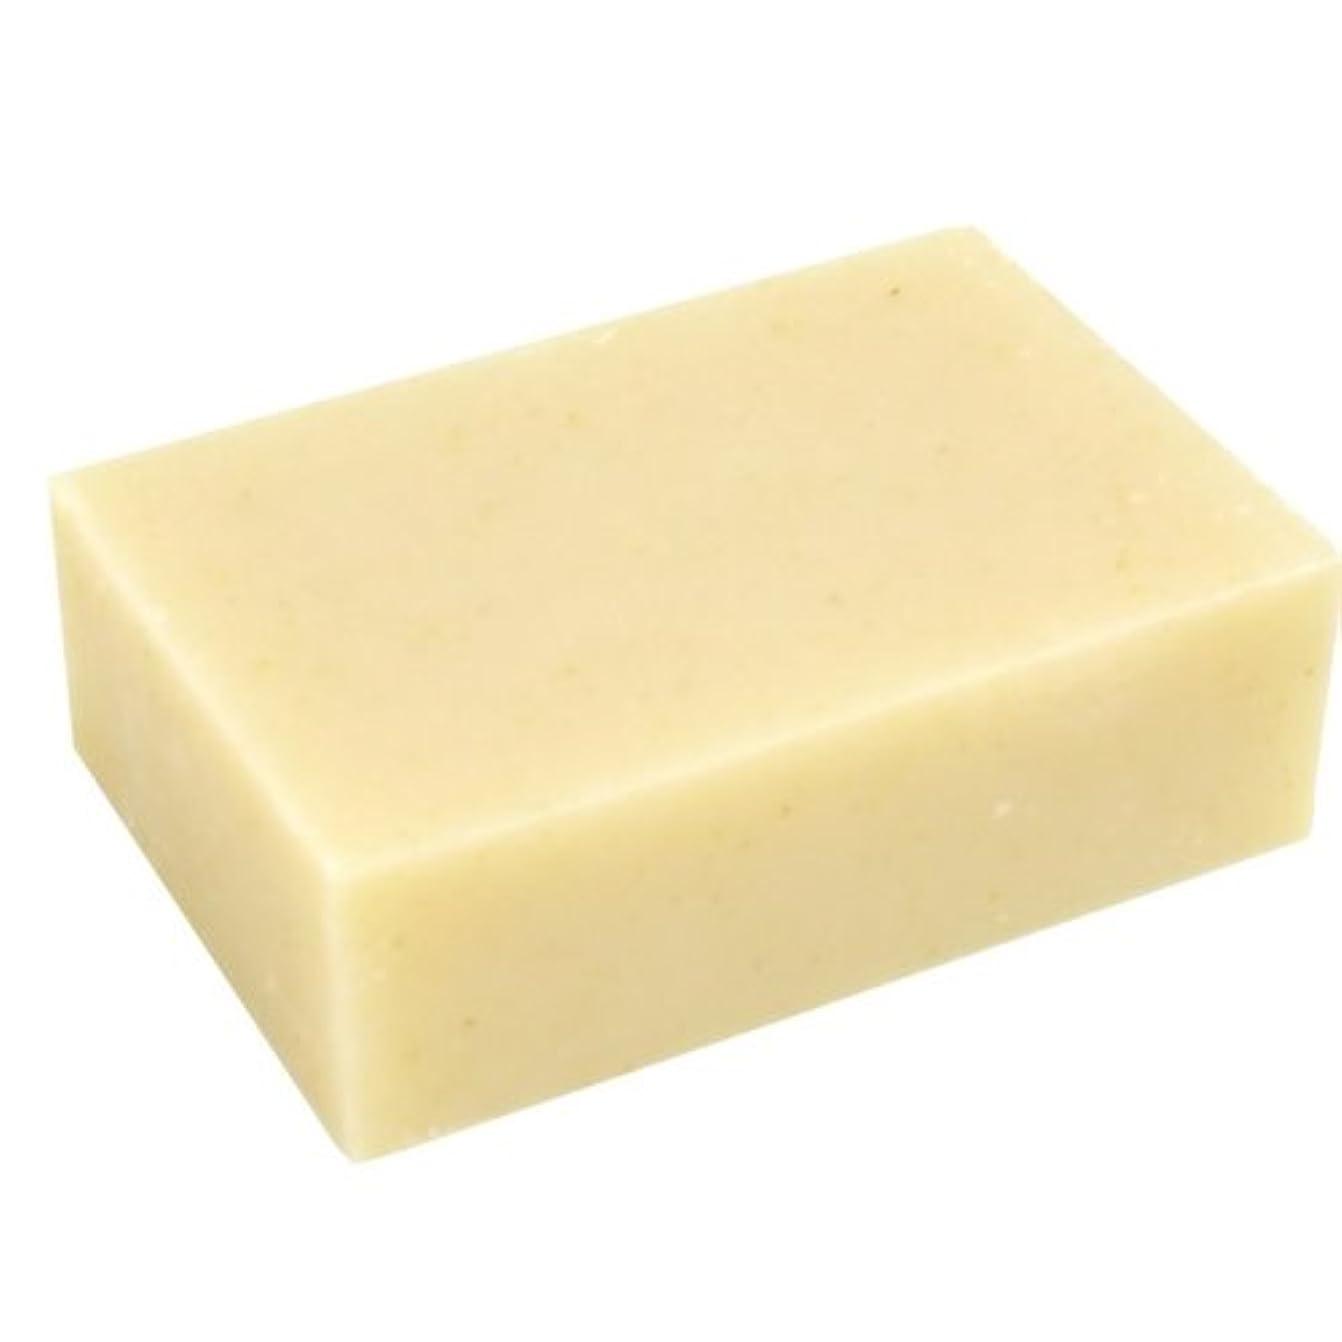 お嬢邪悪な代名詞HAWAIIAN BATH & BODY SOAP ゼラニウム